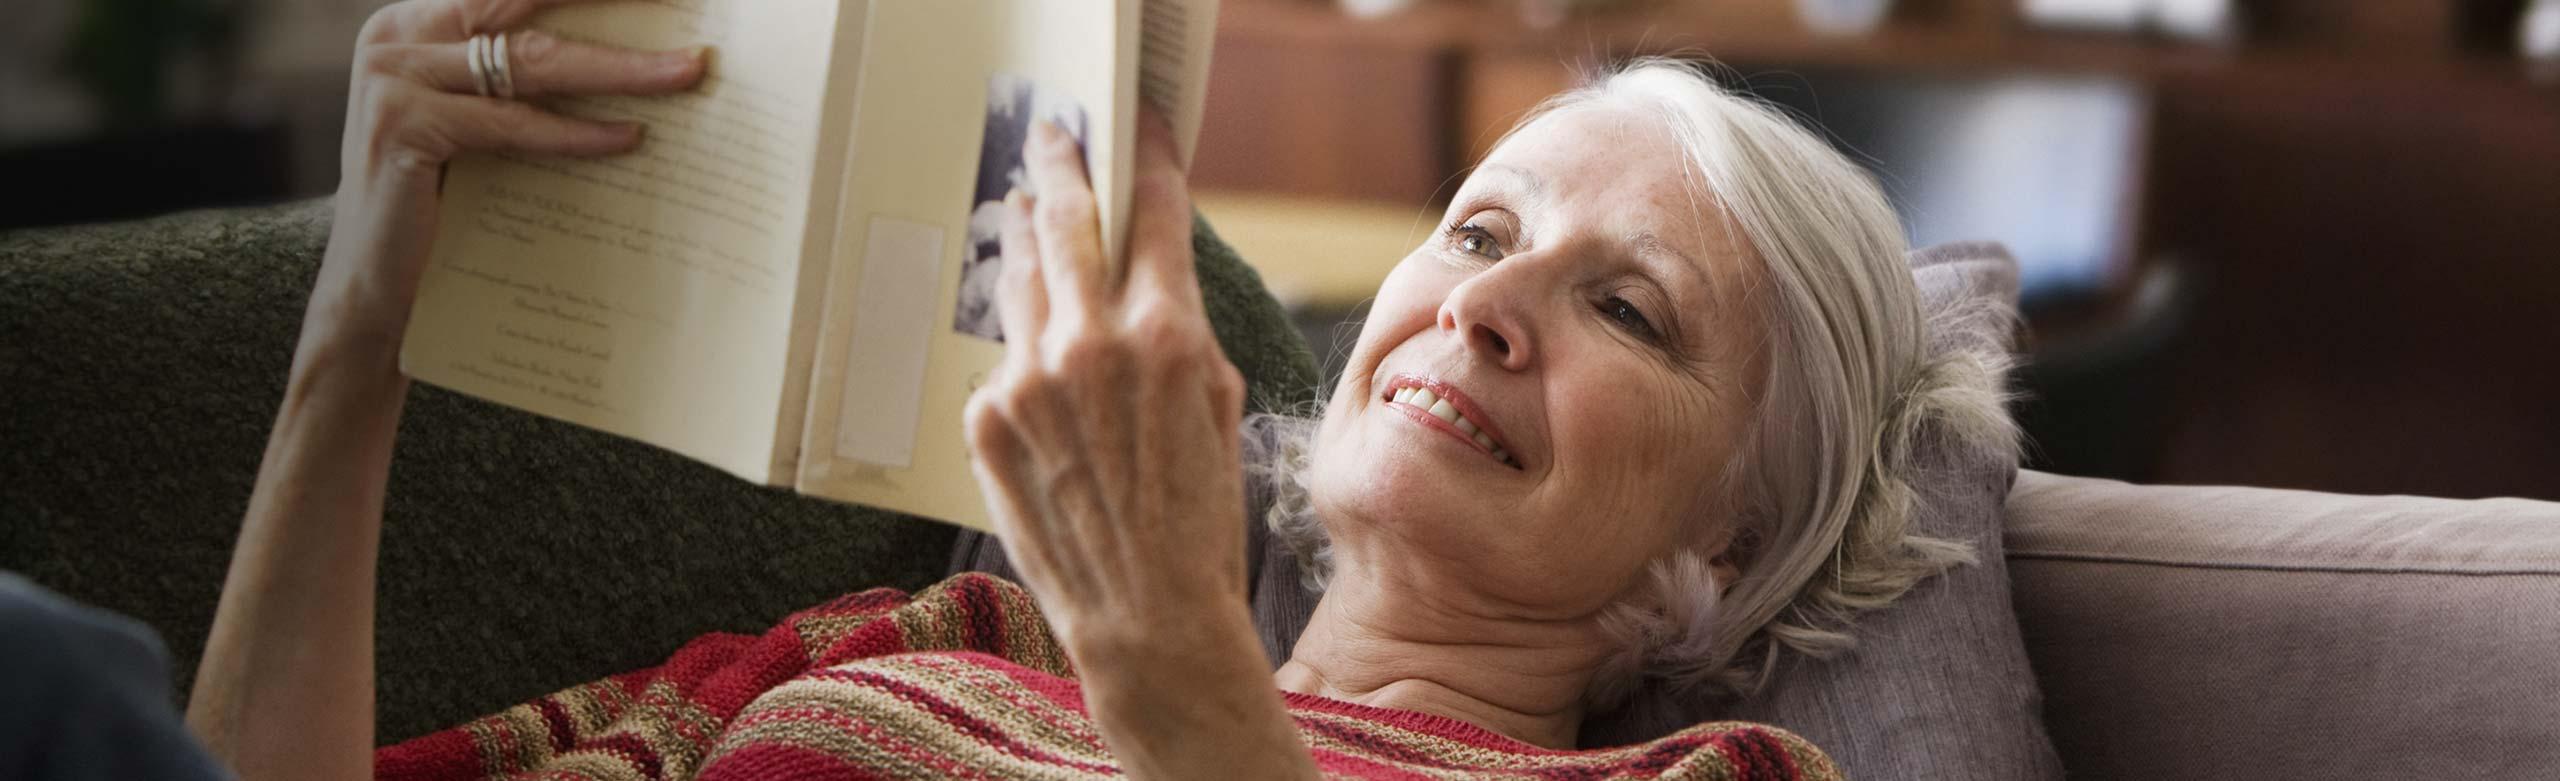 Imagen de una mujer tumbada en el sofá leyendo un libro.